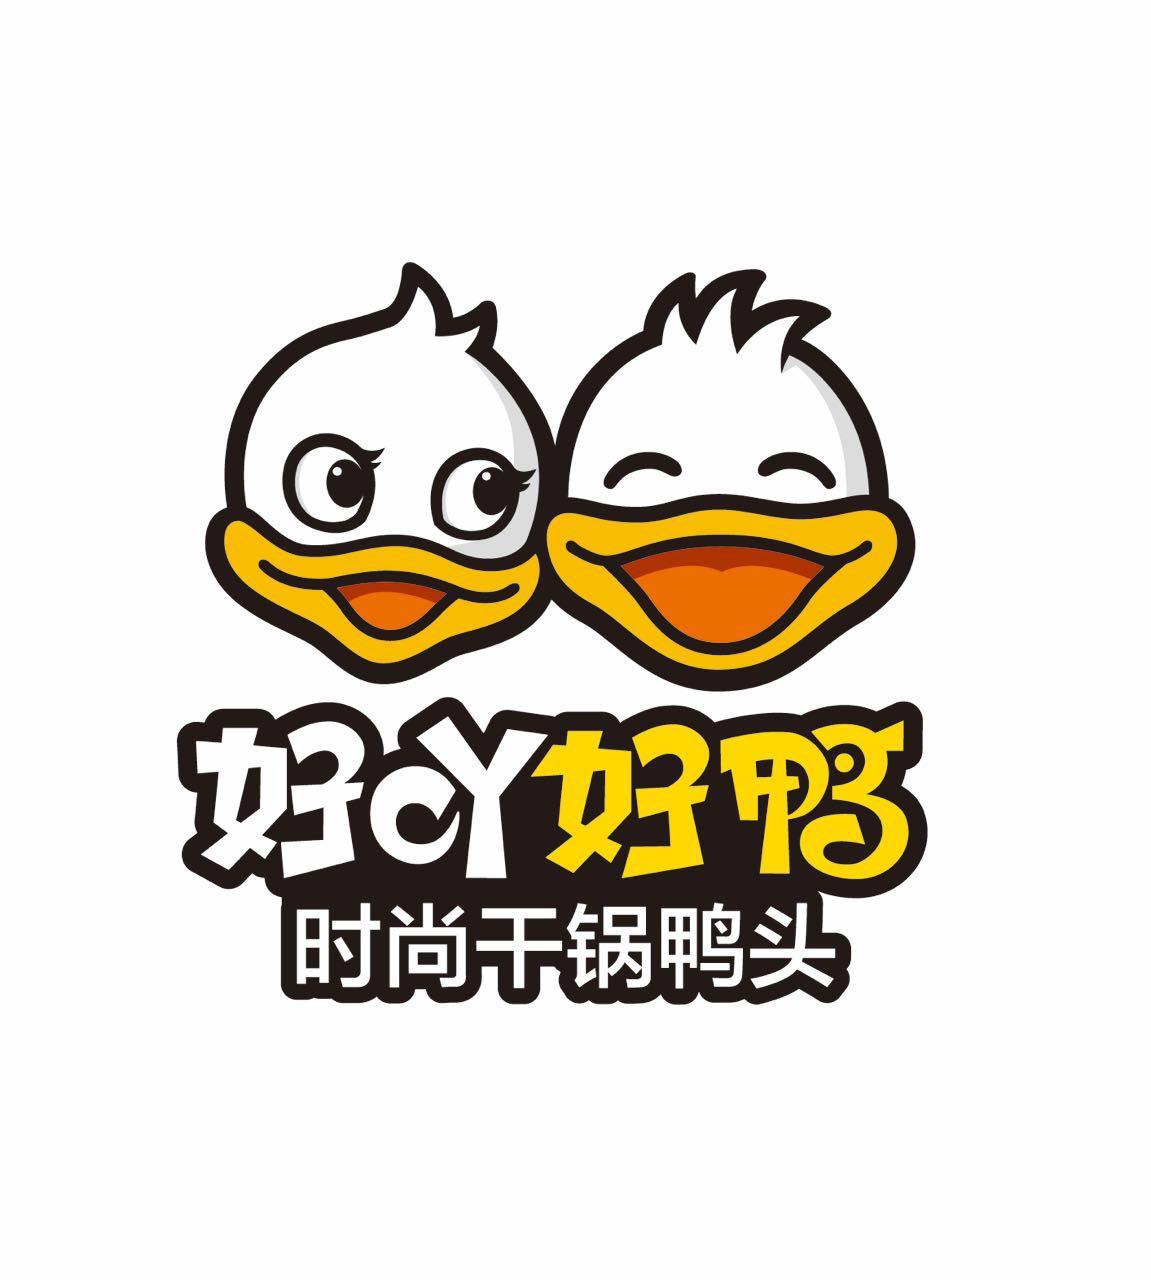 好吖好鸭干锅鸭头(华联天通苑店)